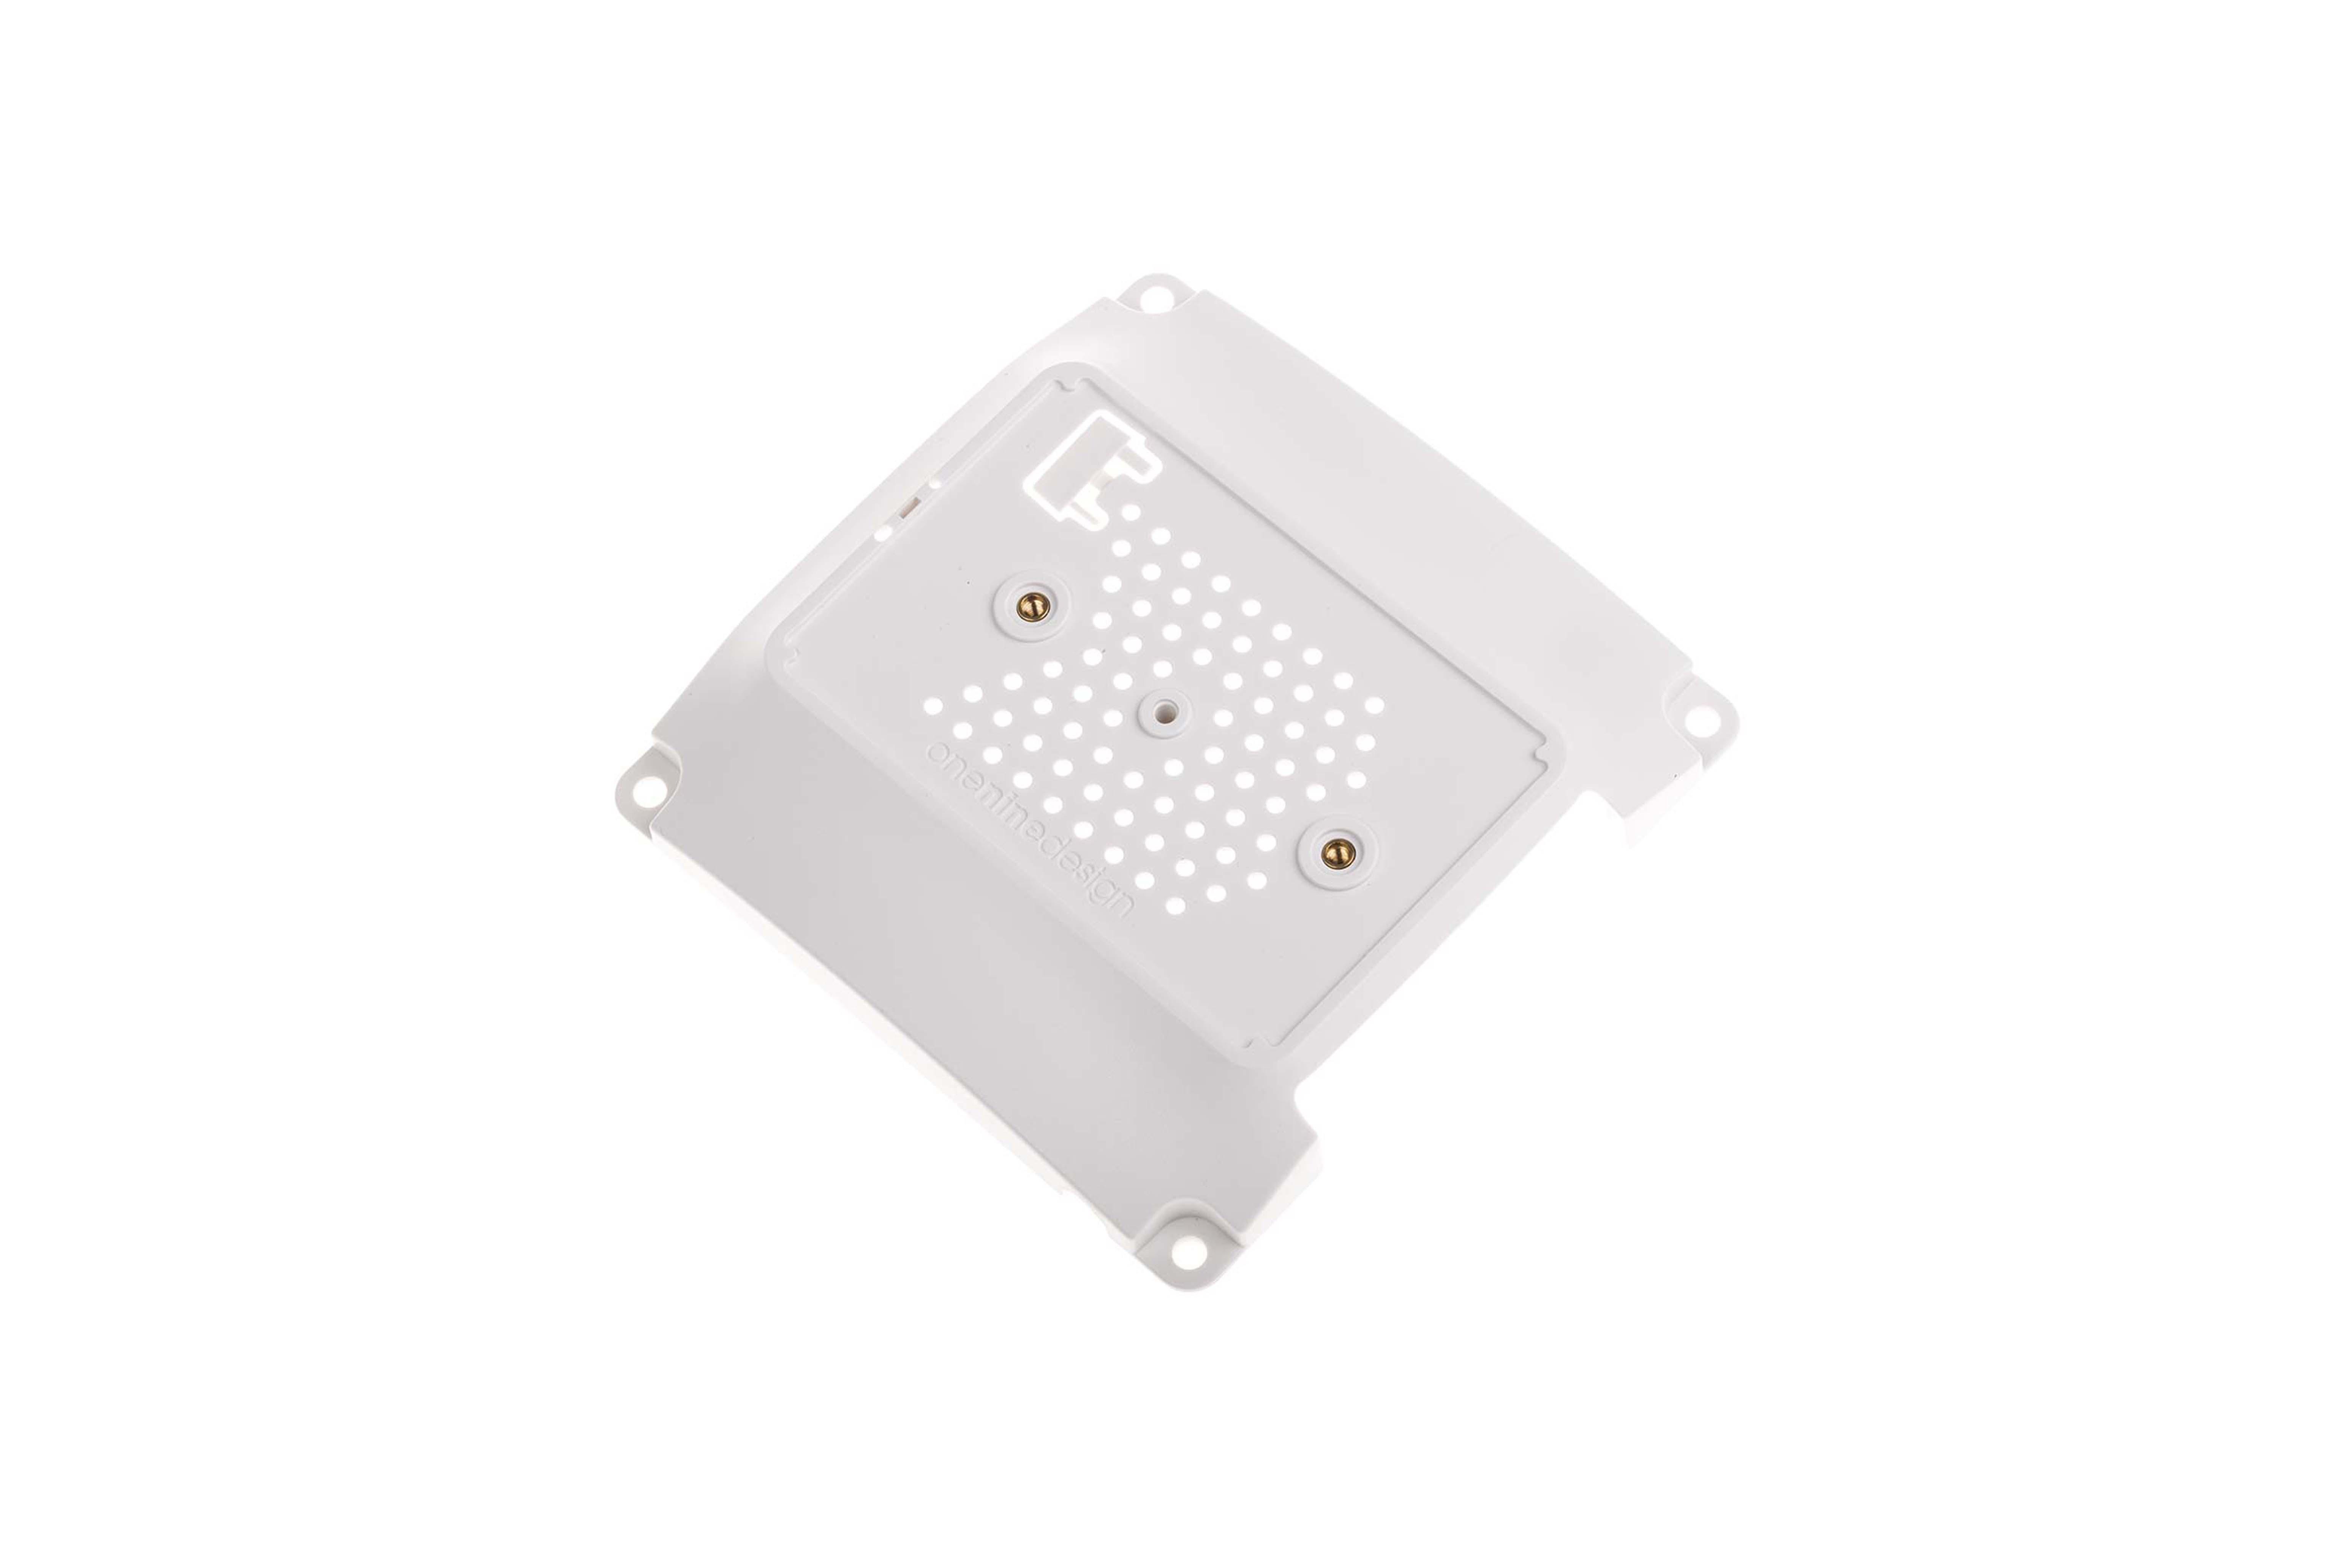 VESA-vatting voor gebruik met Raspberry Pi-behuizing